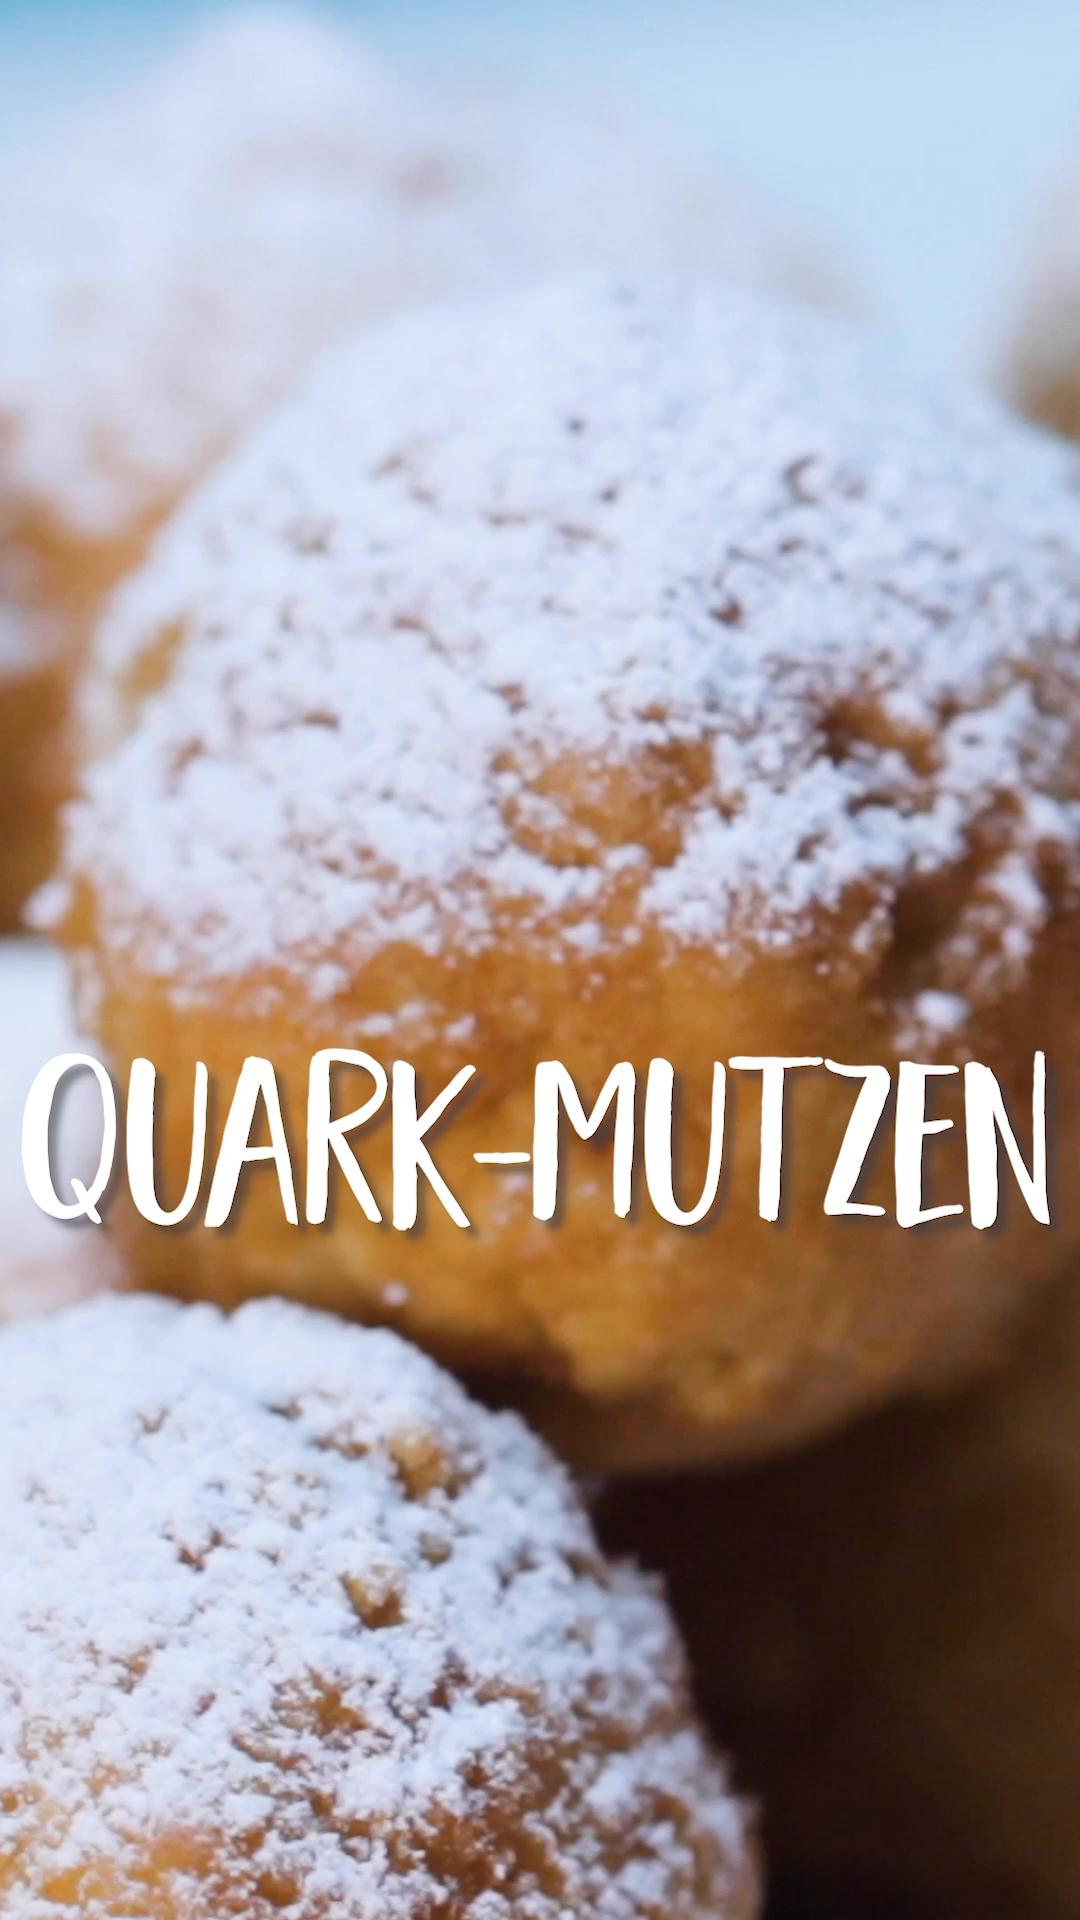 Photo of Quark-Mutzen: Eine süße Versuchung – Stacey&DessertRezepte